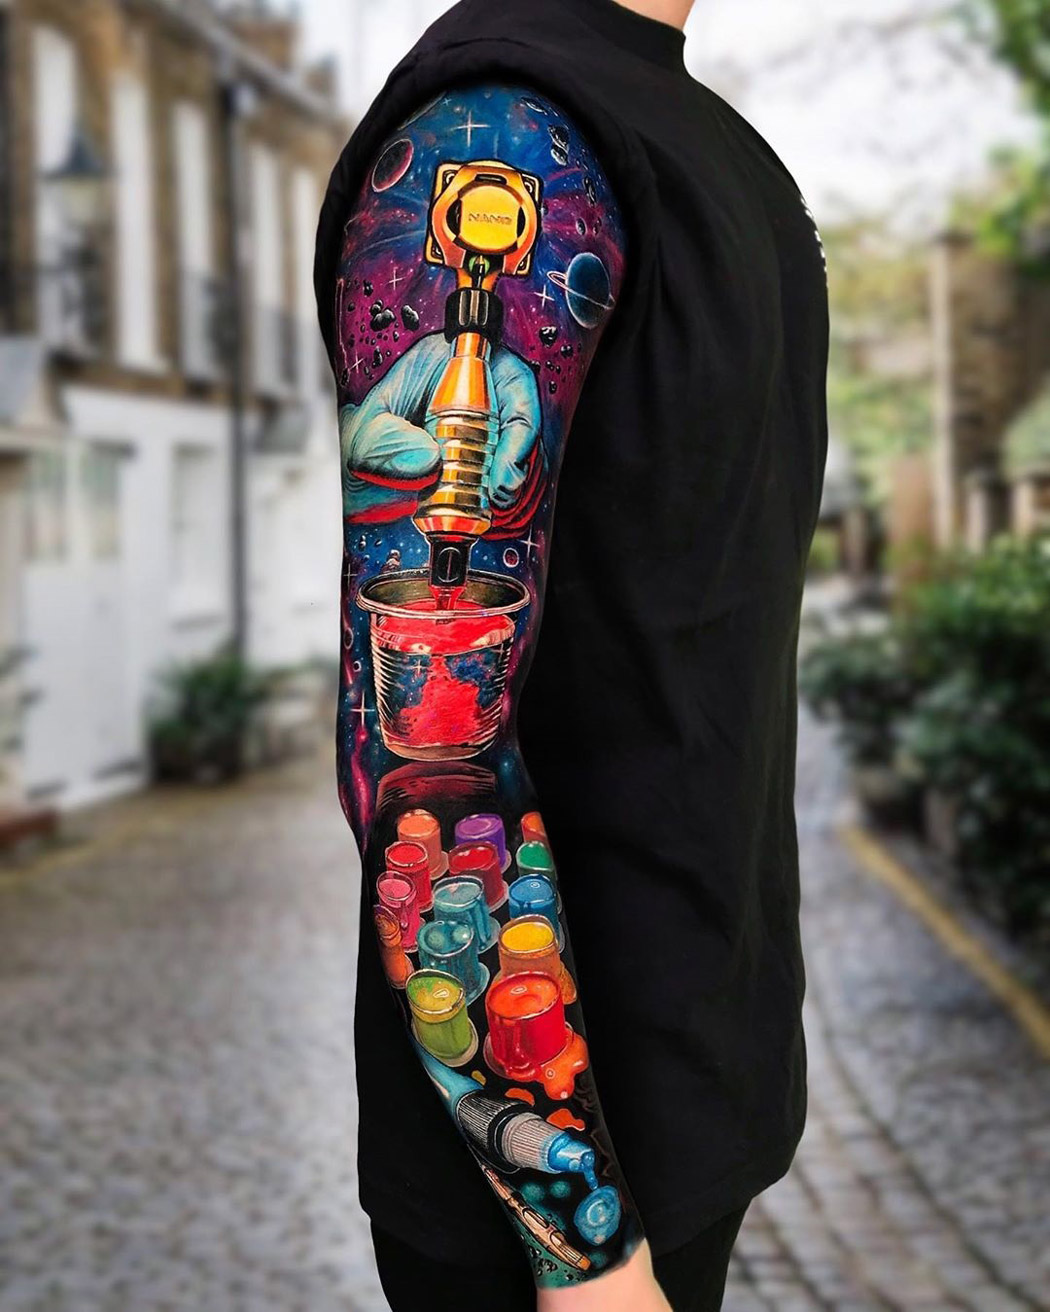 Tattoo Art Sleeve